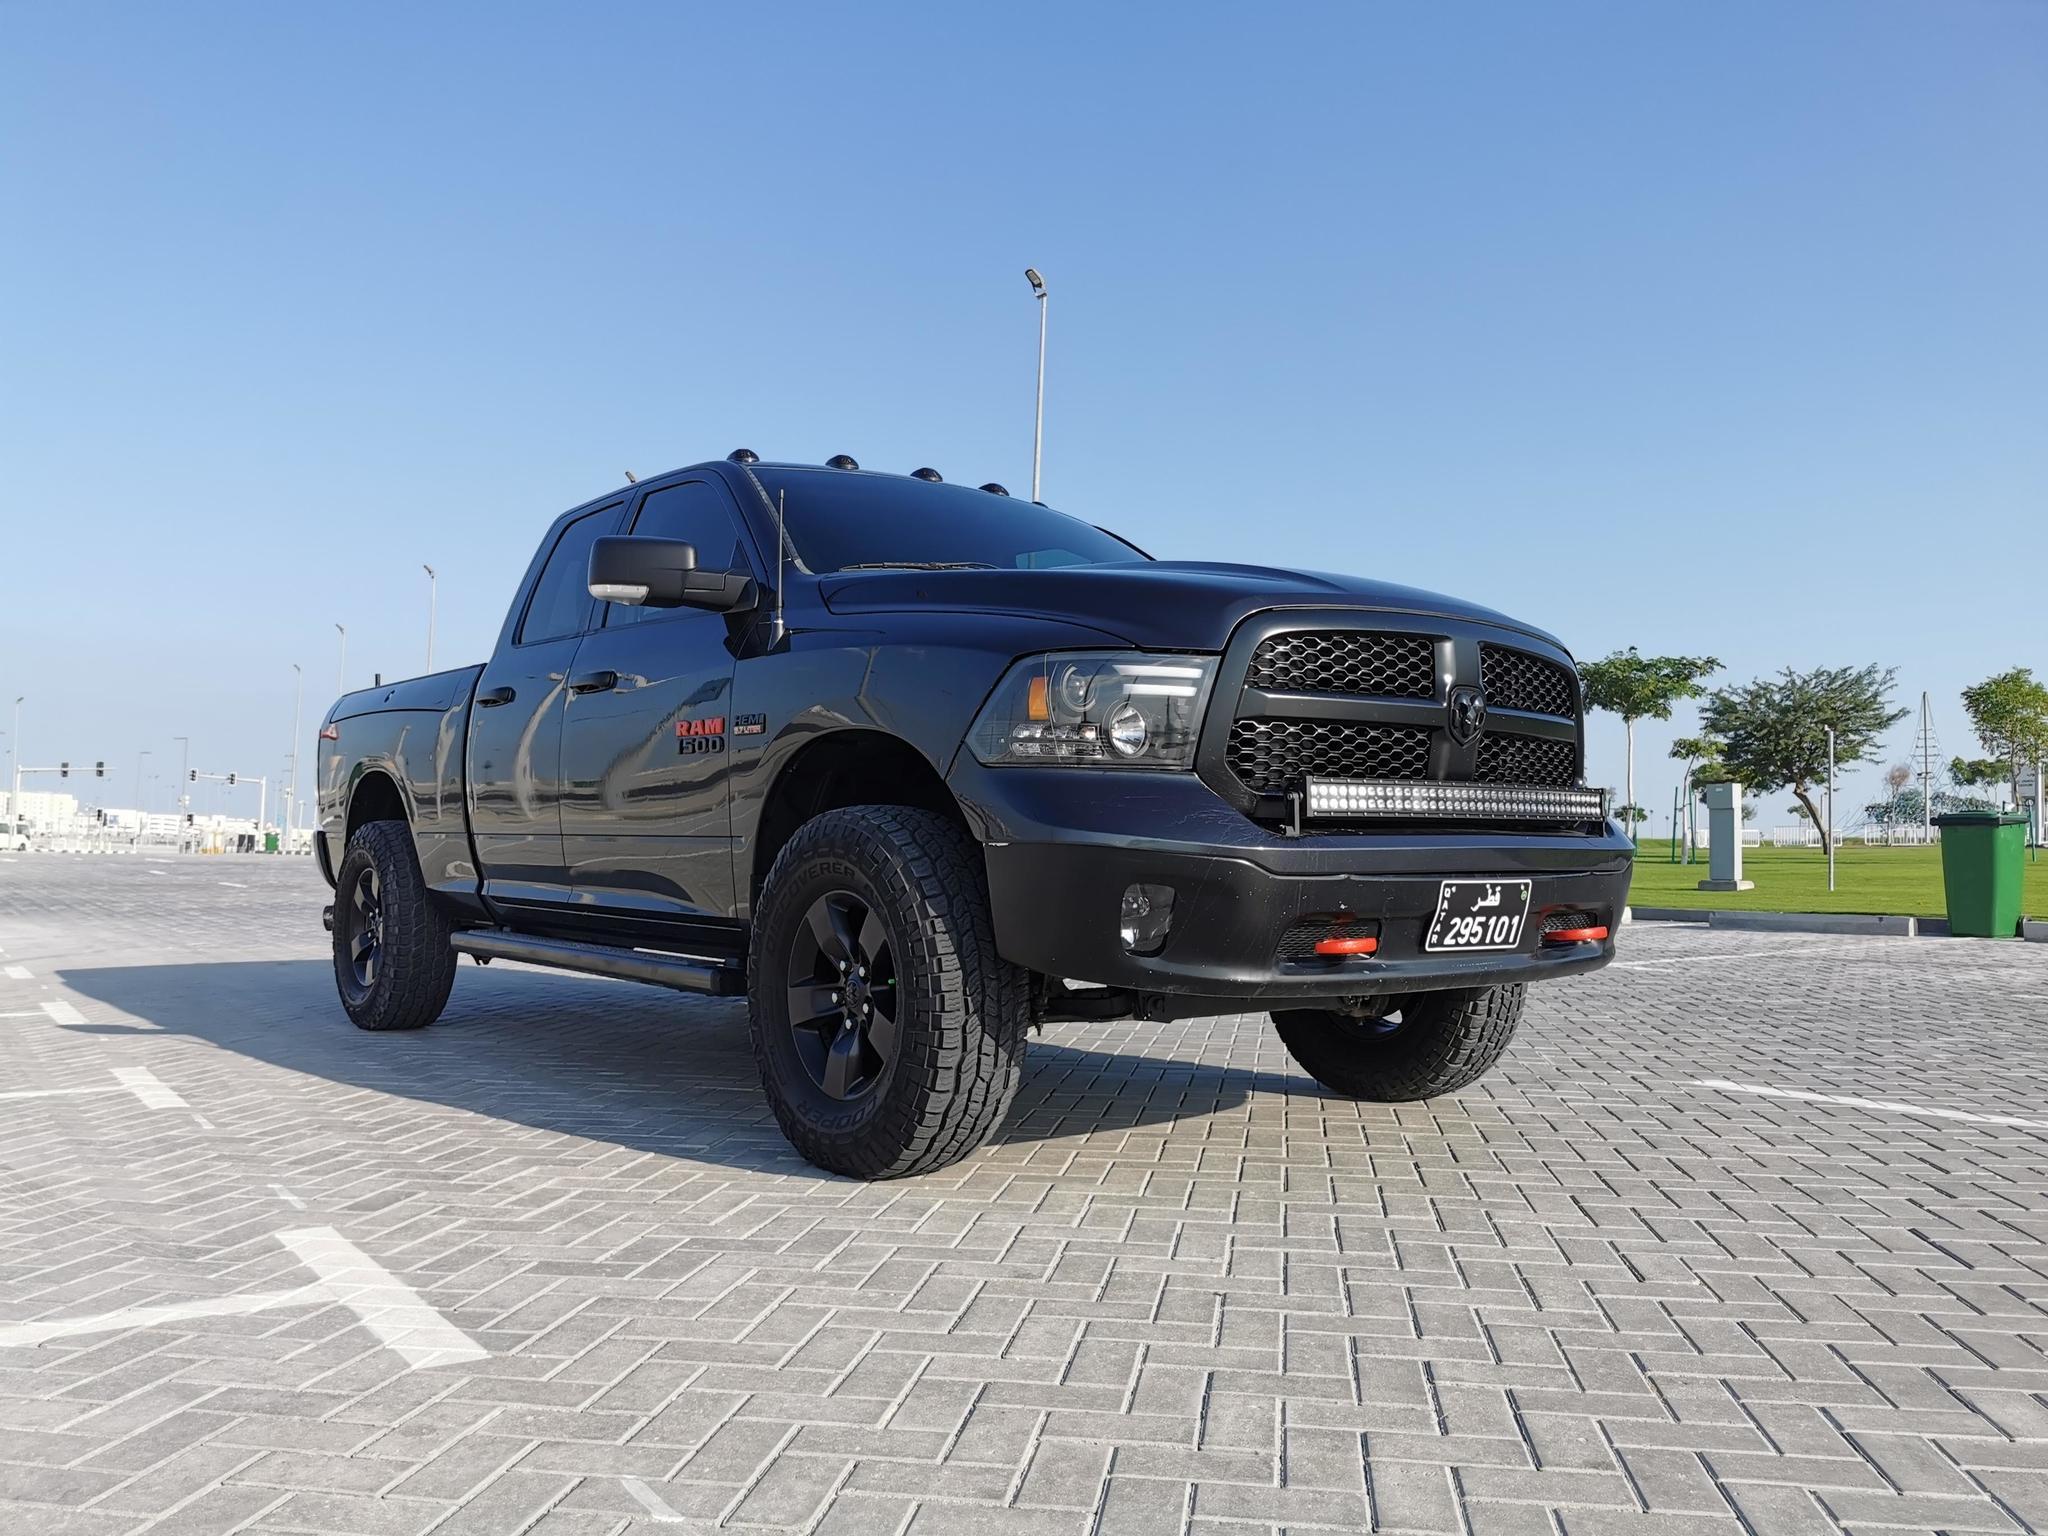 2015 Ram 1500 Off Road Ready Qar 89000 Qatar Living